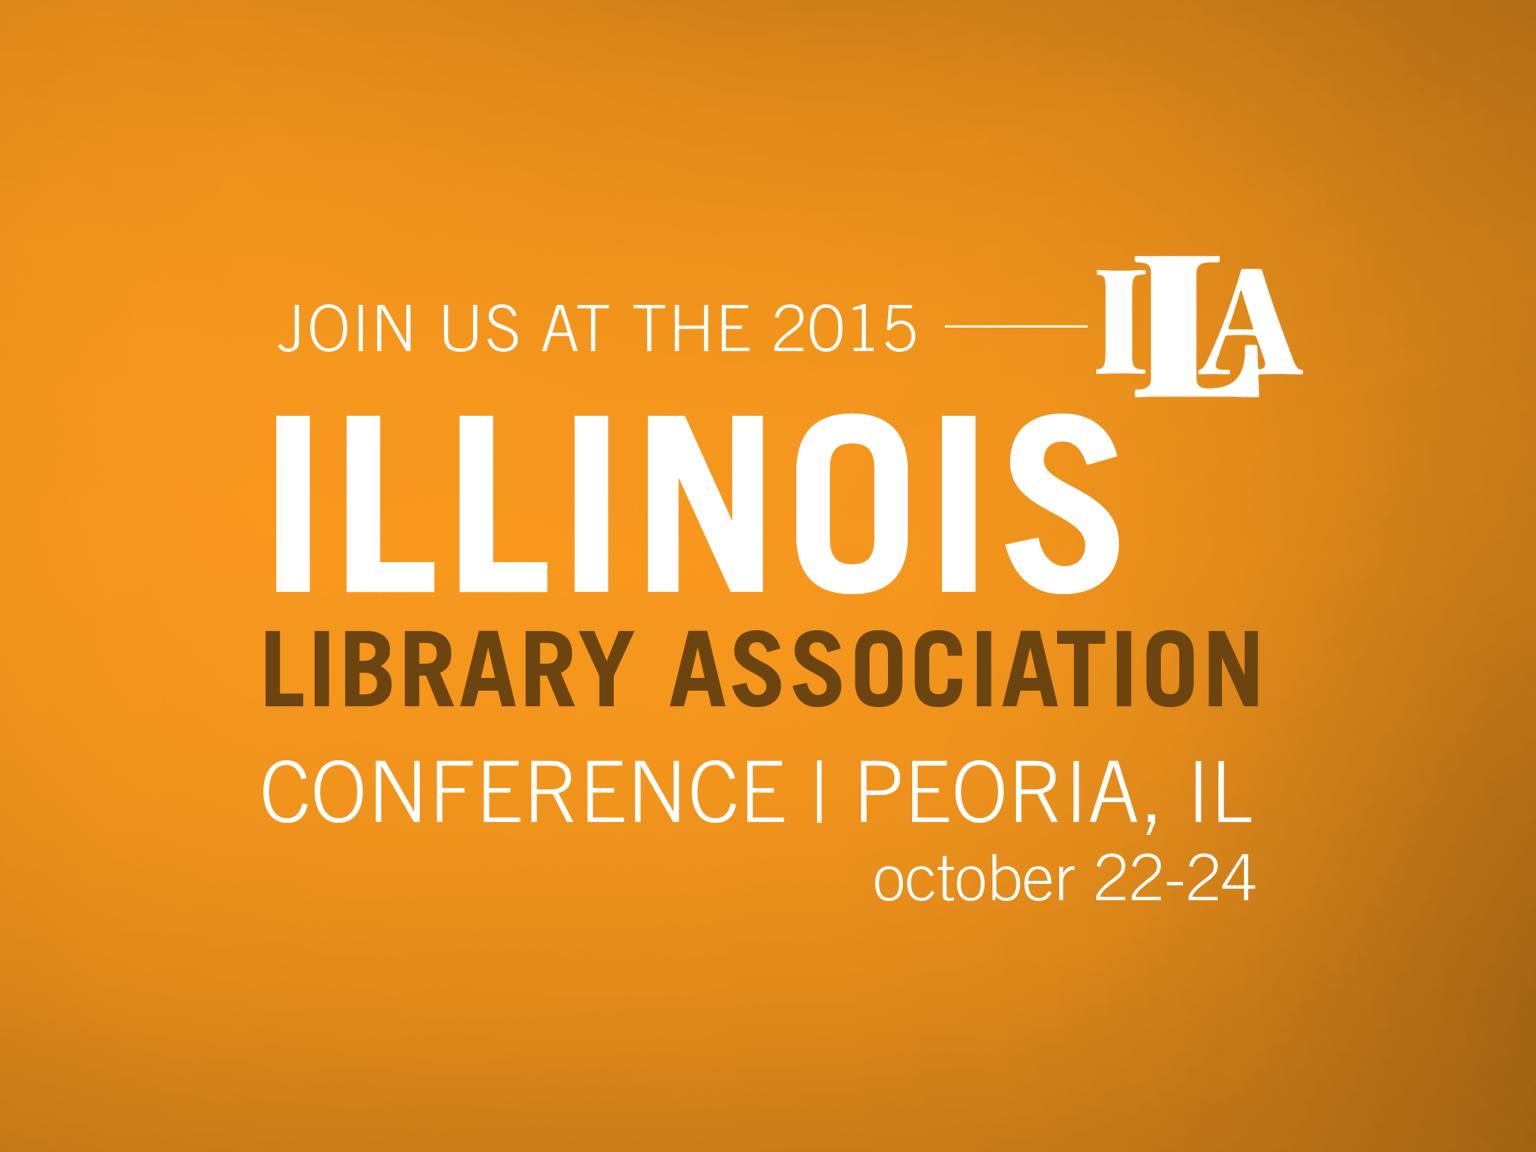 2015 ILA Conference